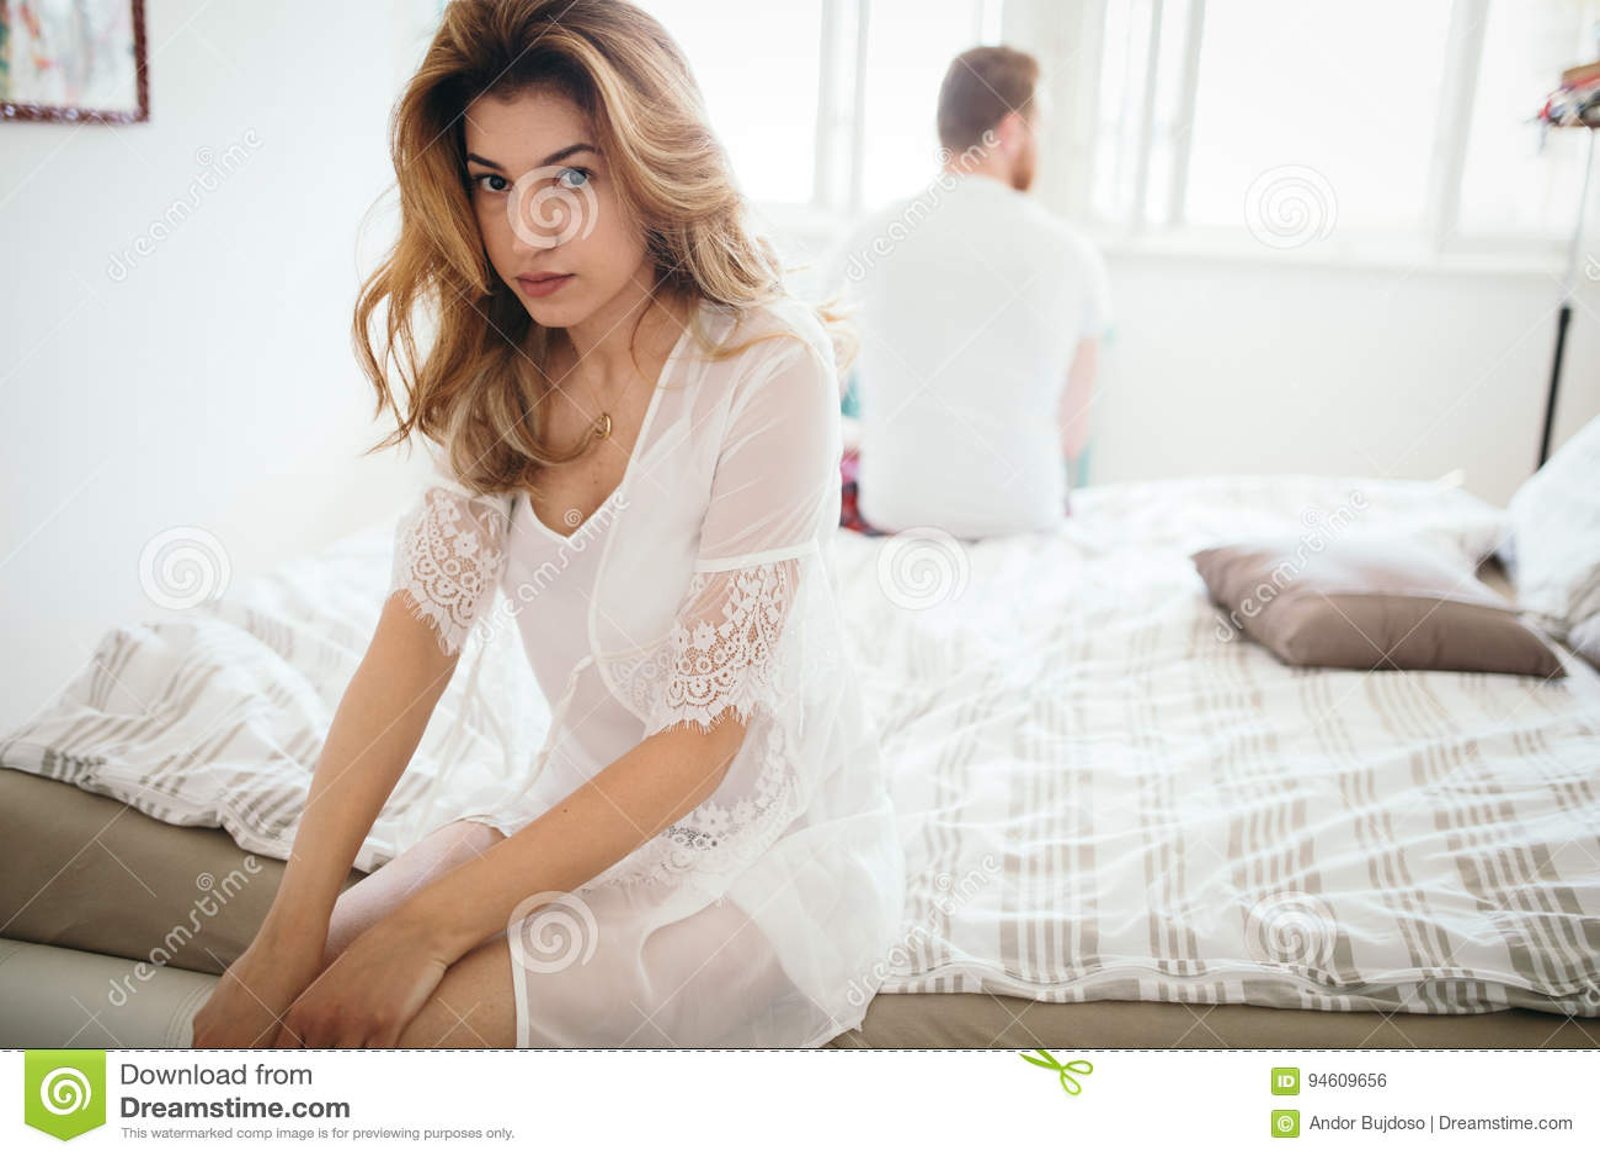 Unglückliches verheiratetes Paar auf der Kante der Scheidung wegen der Machtlosigkeit